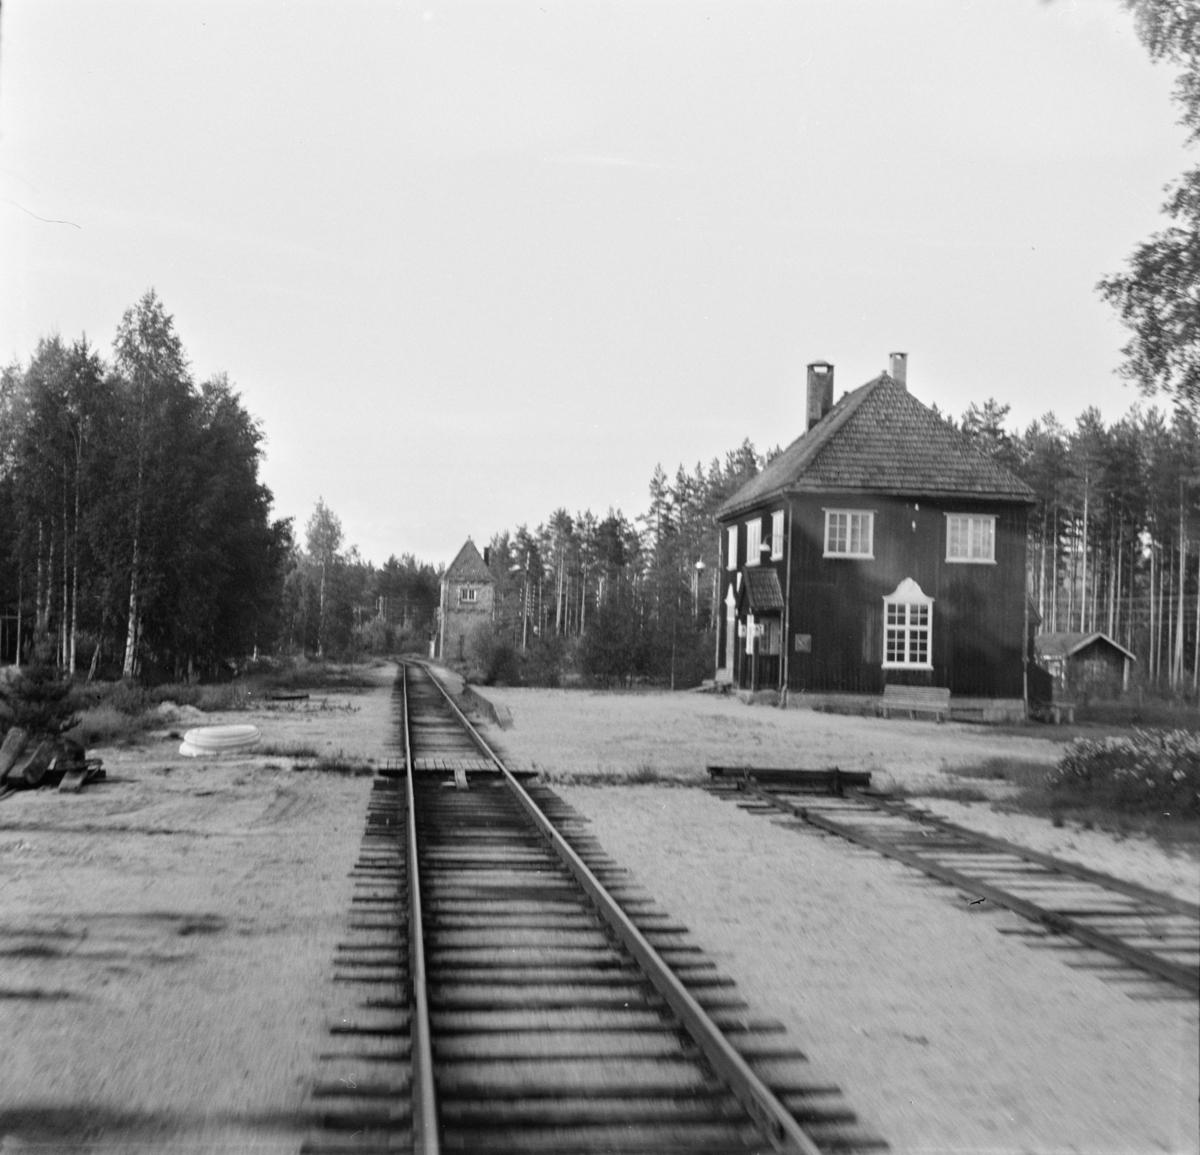 Sandå stasjon på Treungenbanen, sett fra førerrommet på motorvognen til Treungen.